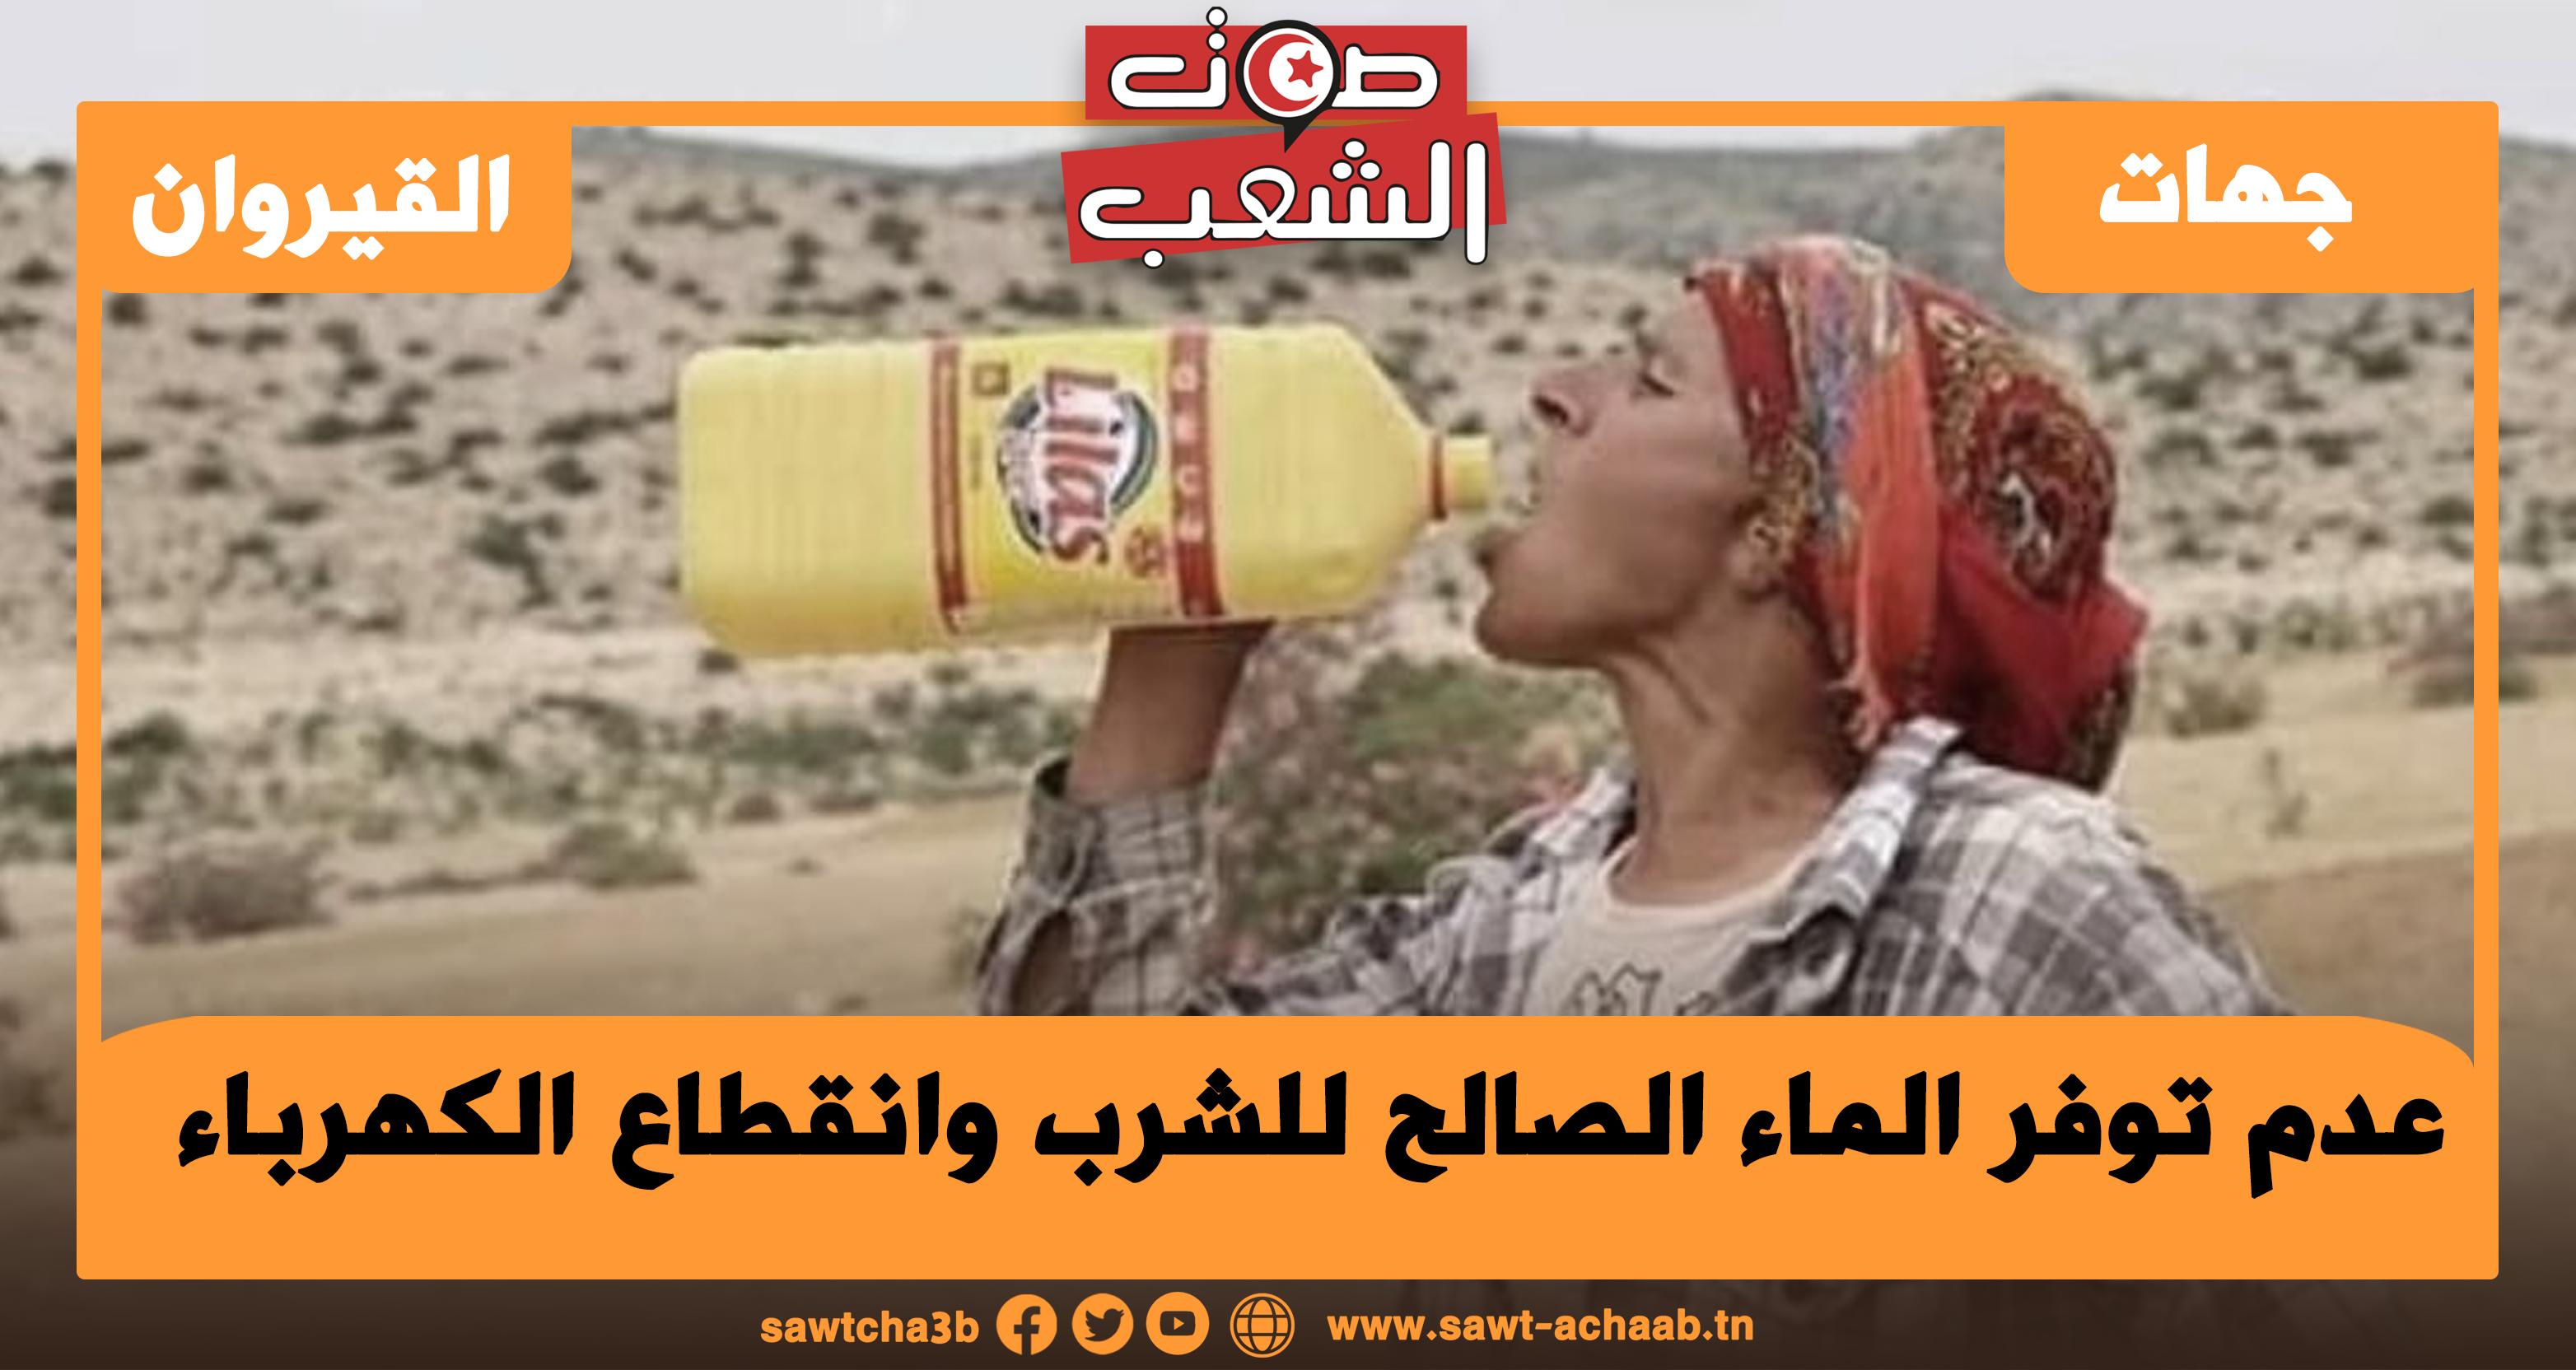 عدم توفر الماء الصالح للشرب وانقطاع الكهرباء